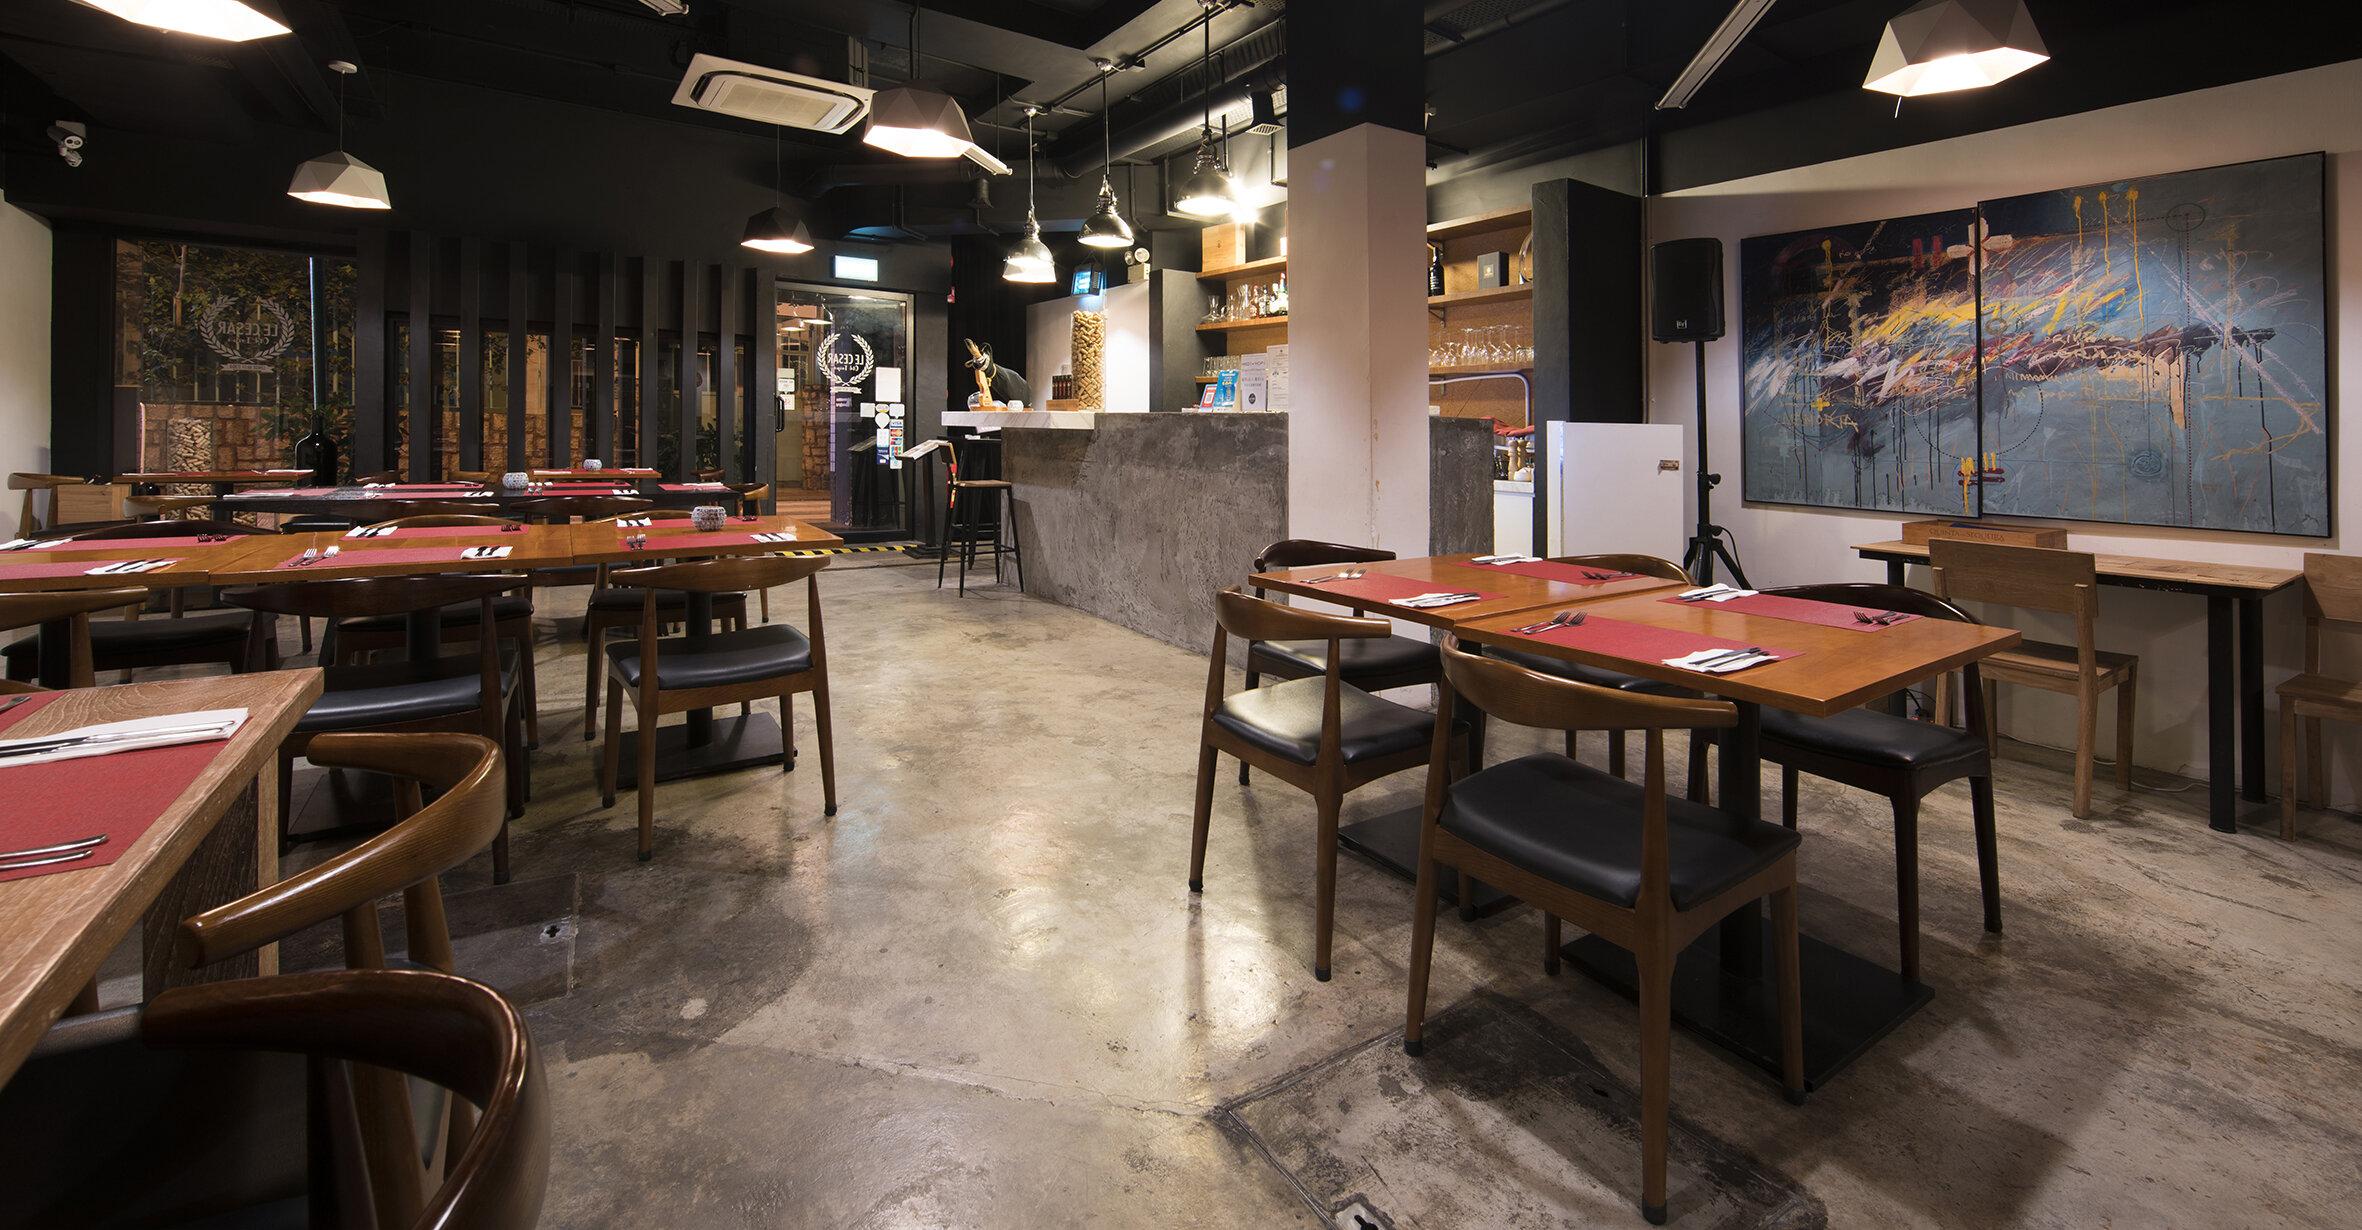 Le Cesar Old Taipa-Dining room4.jpg